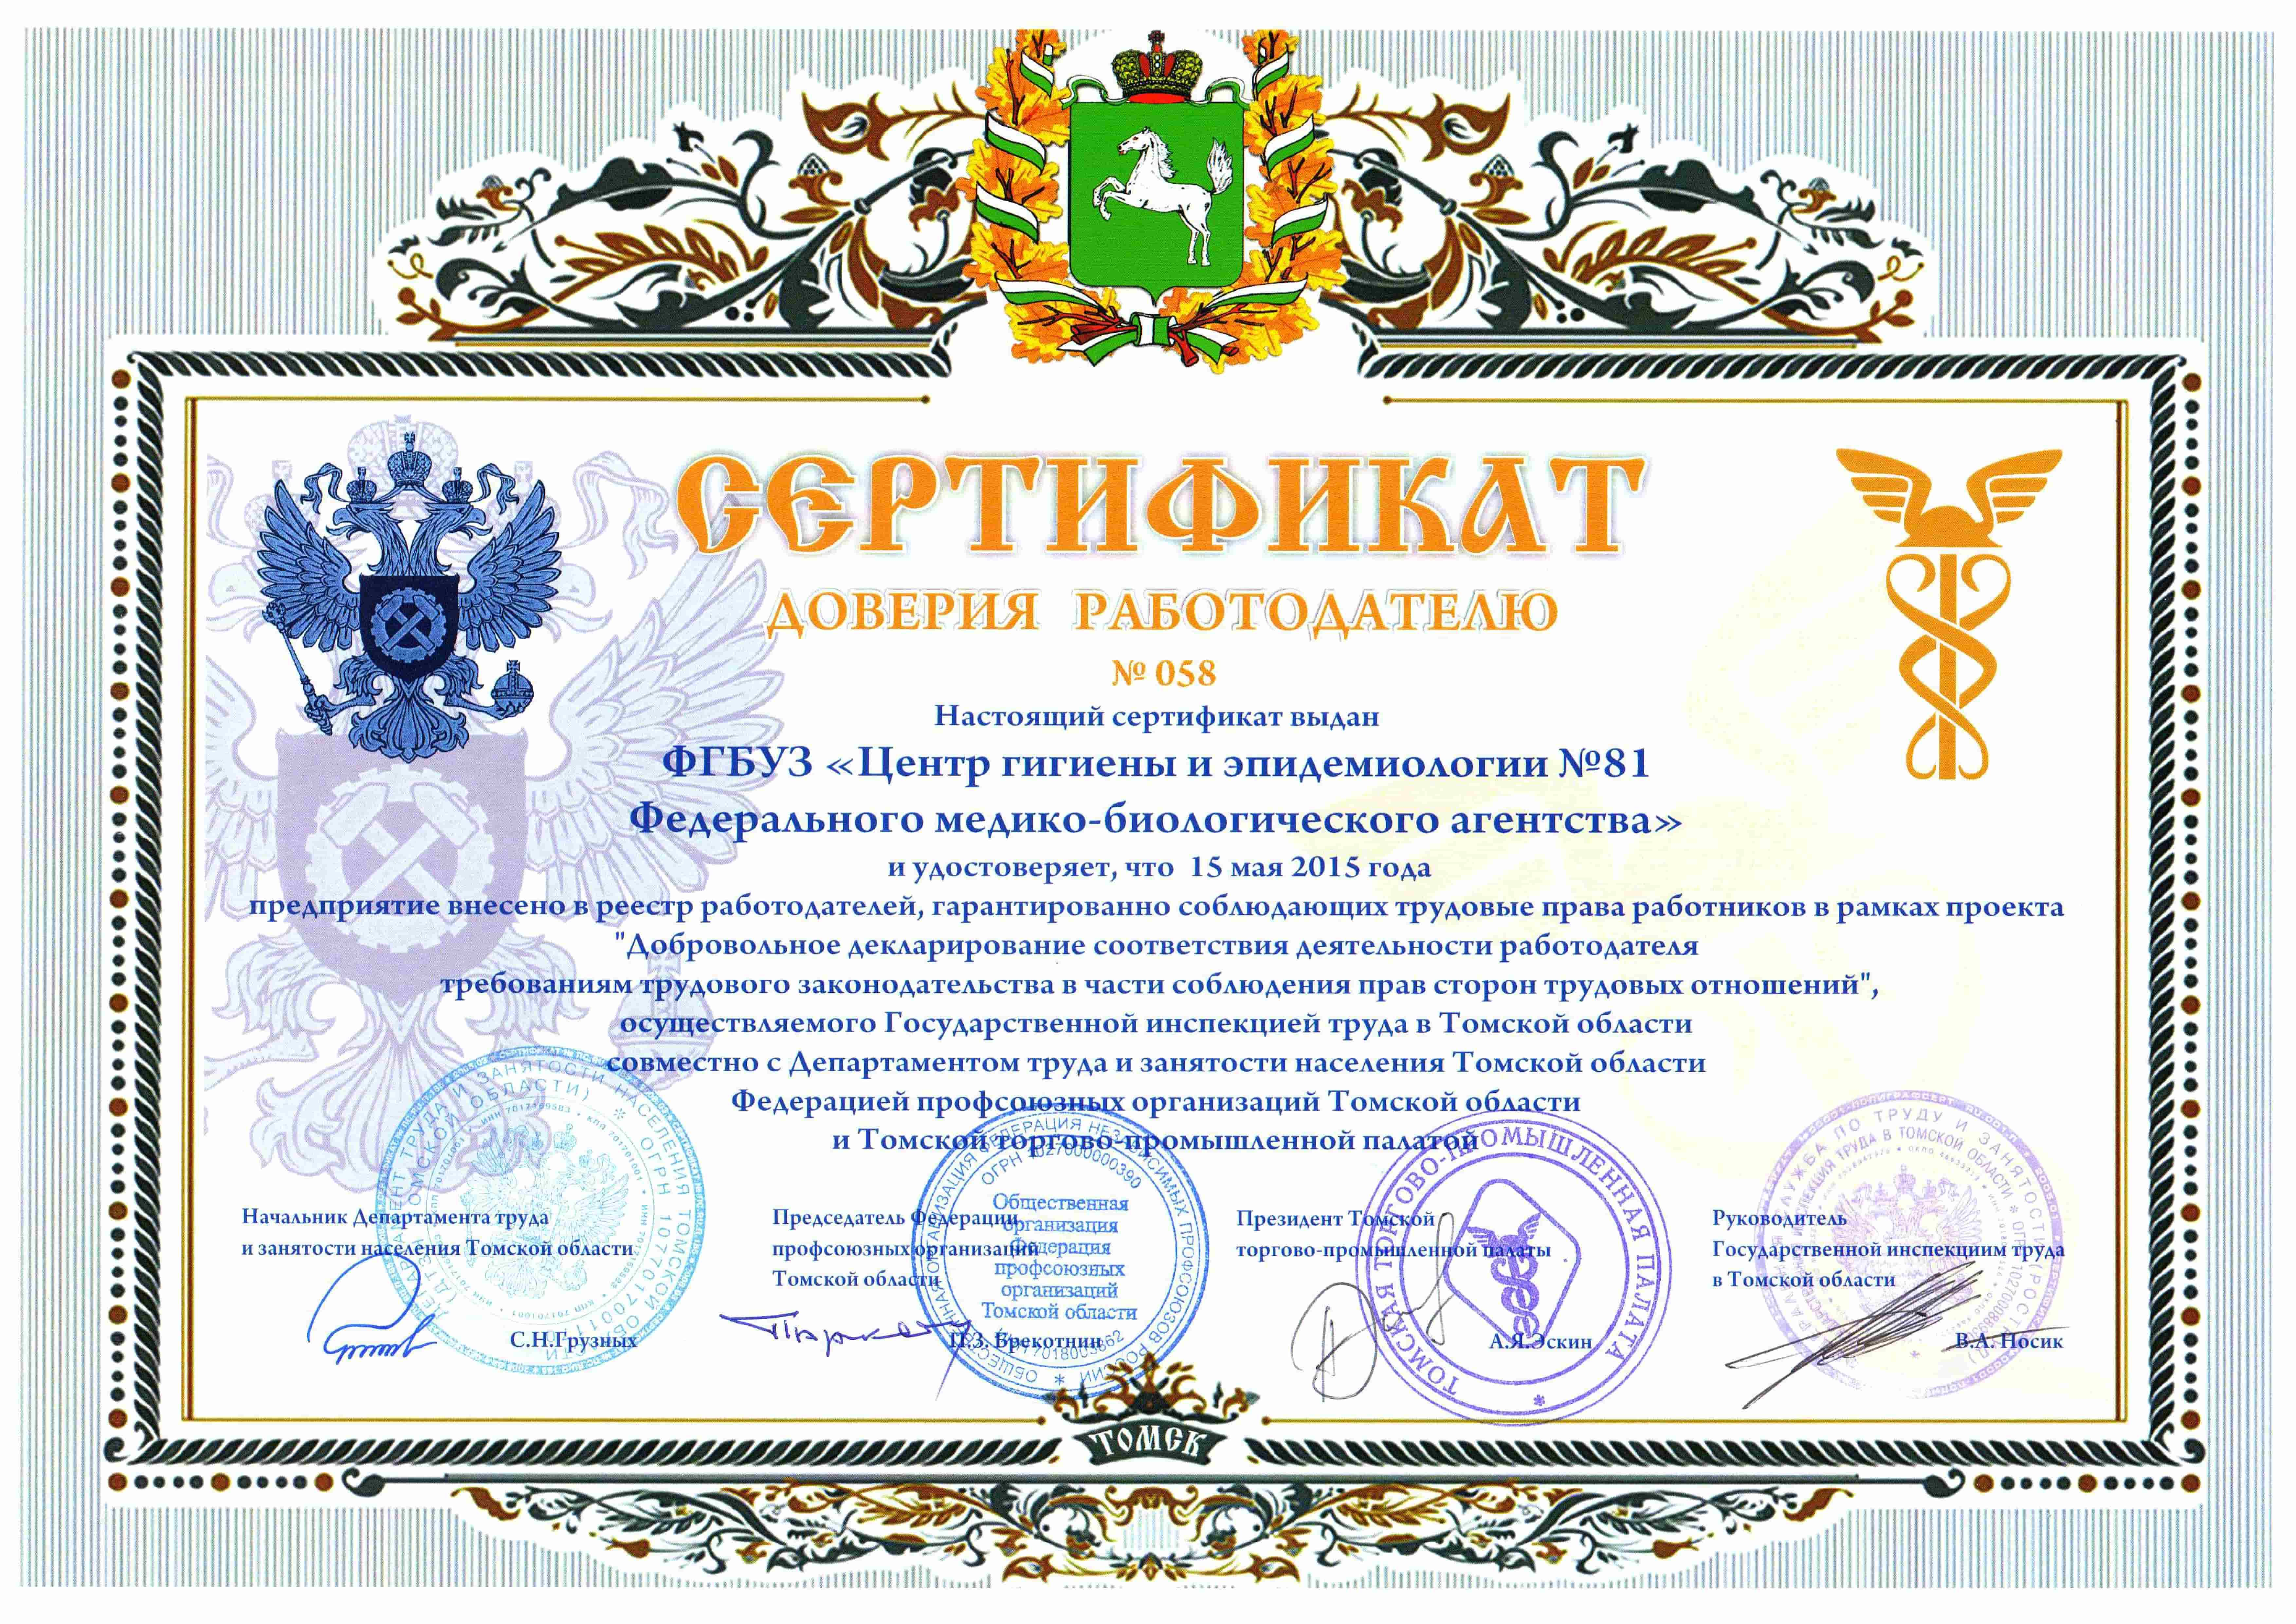 Сертификат доверия работодателю-min